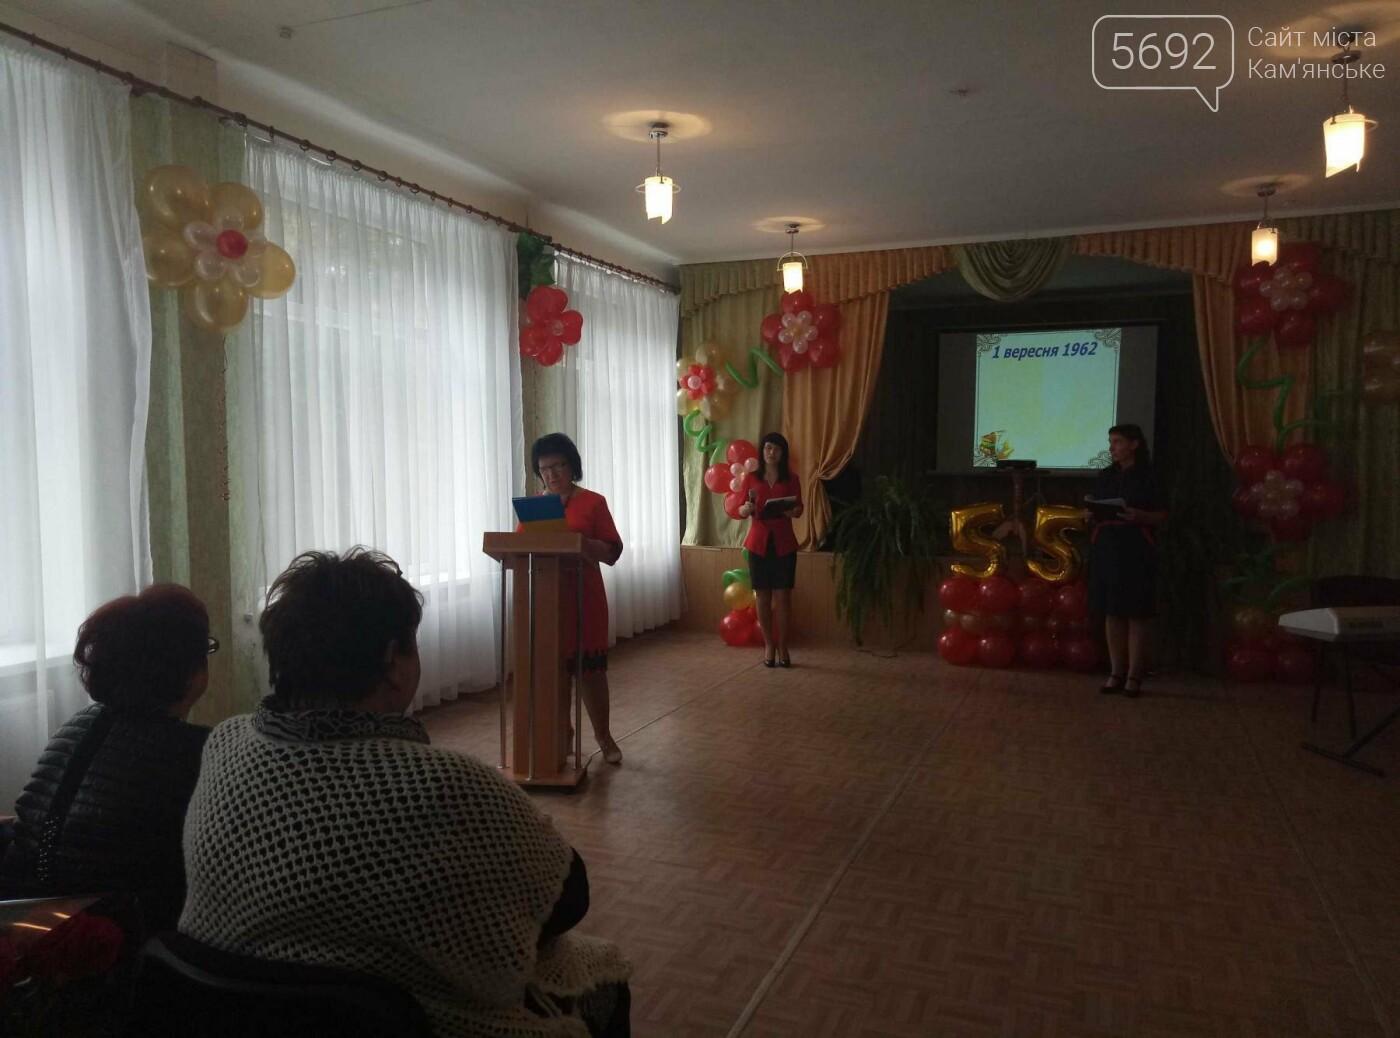 Каменская школа №7 отпраздновала 55-летие, фото-1